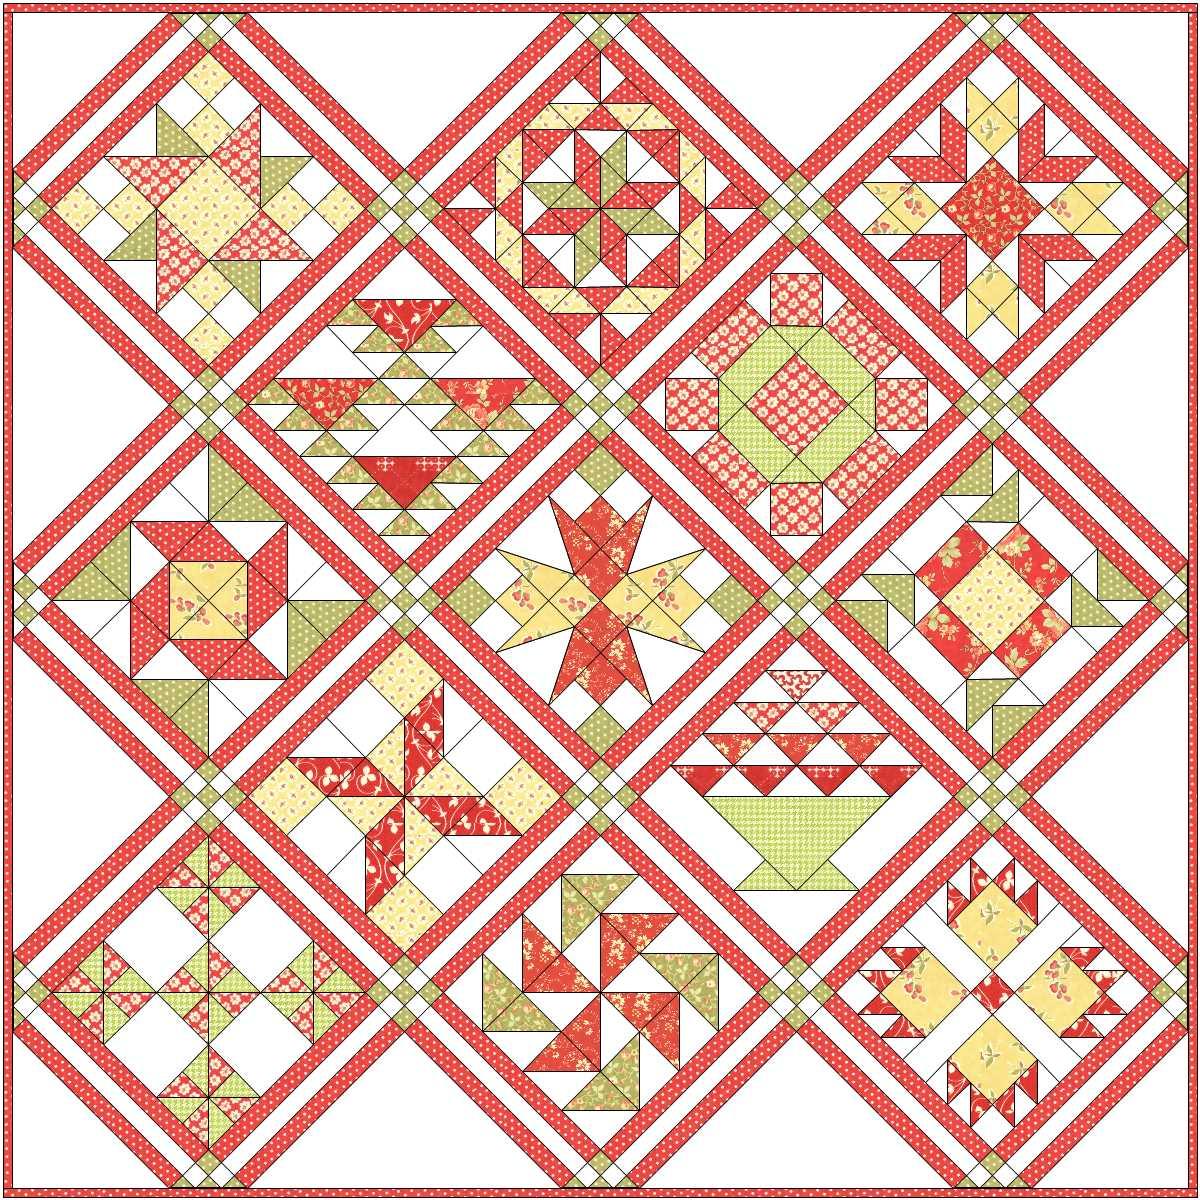 Moda Fabric ~ 1//2 yard  ~ Audras Iris Garden ~ Brannock /& Patek   ~ # 2105 16